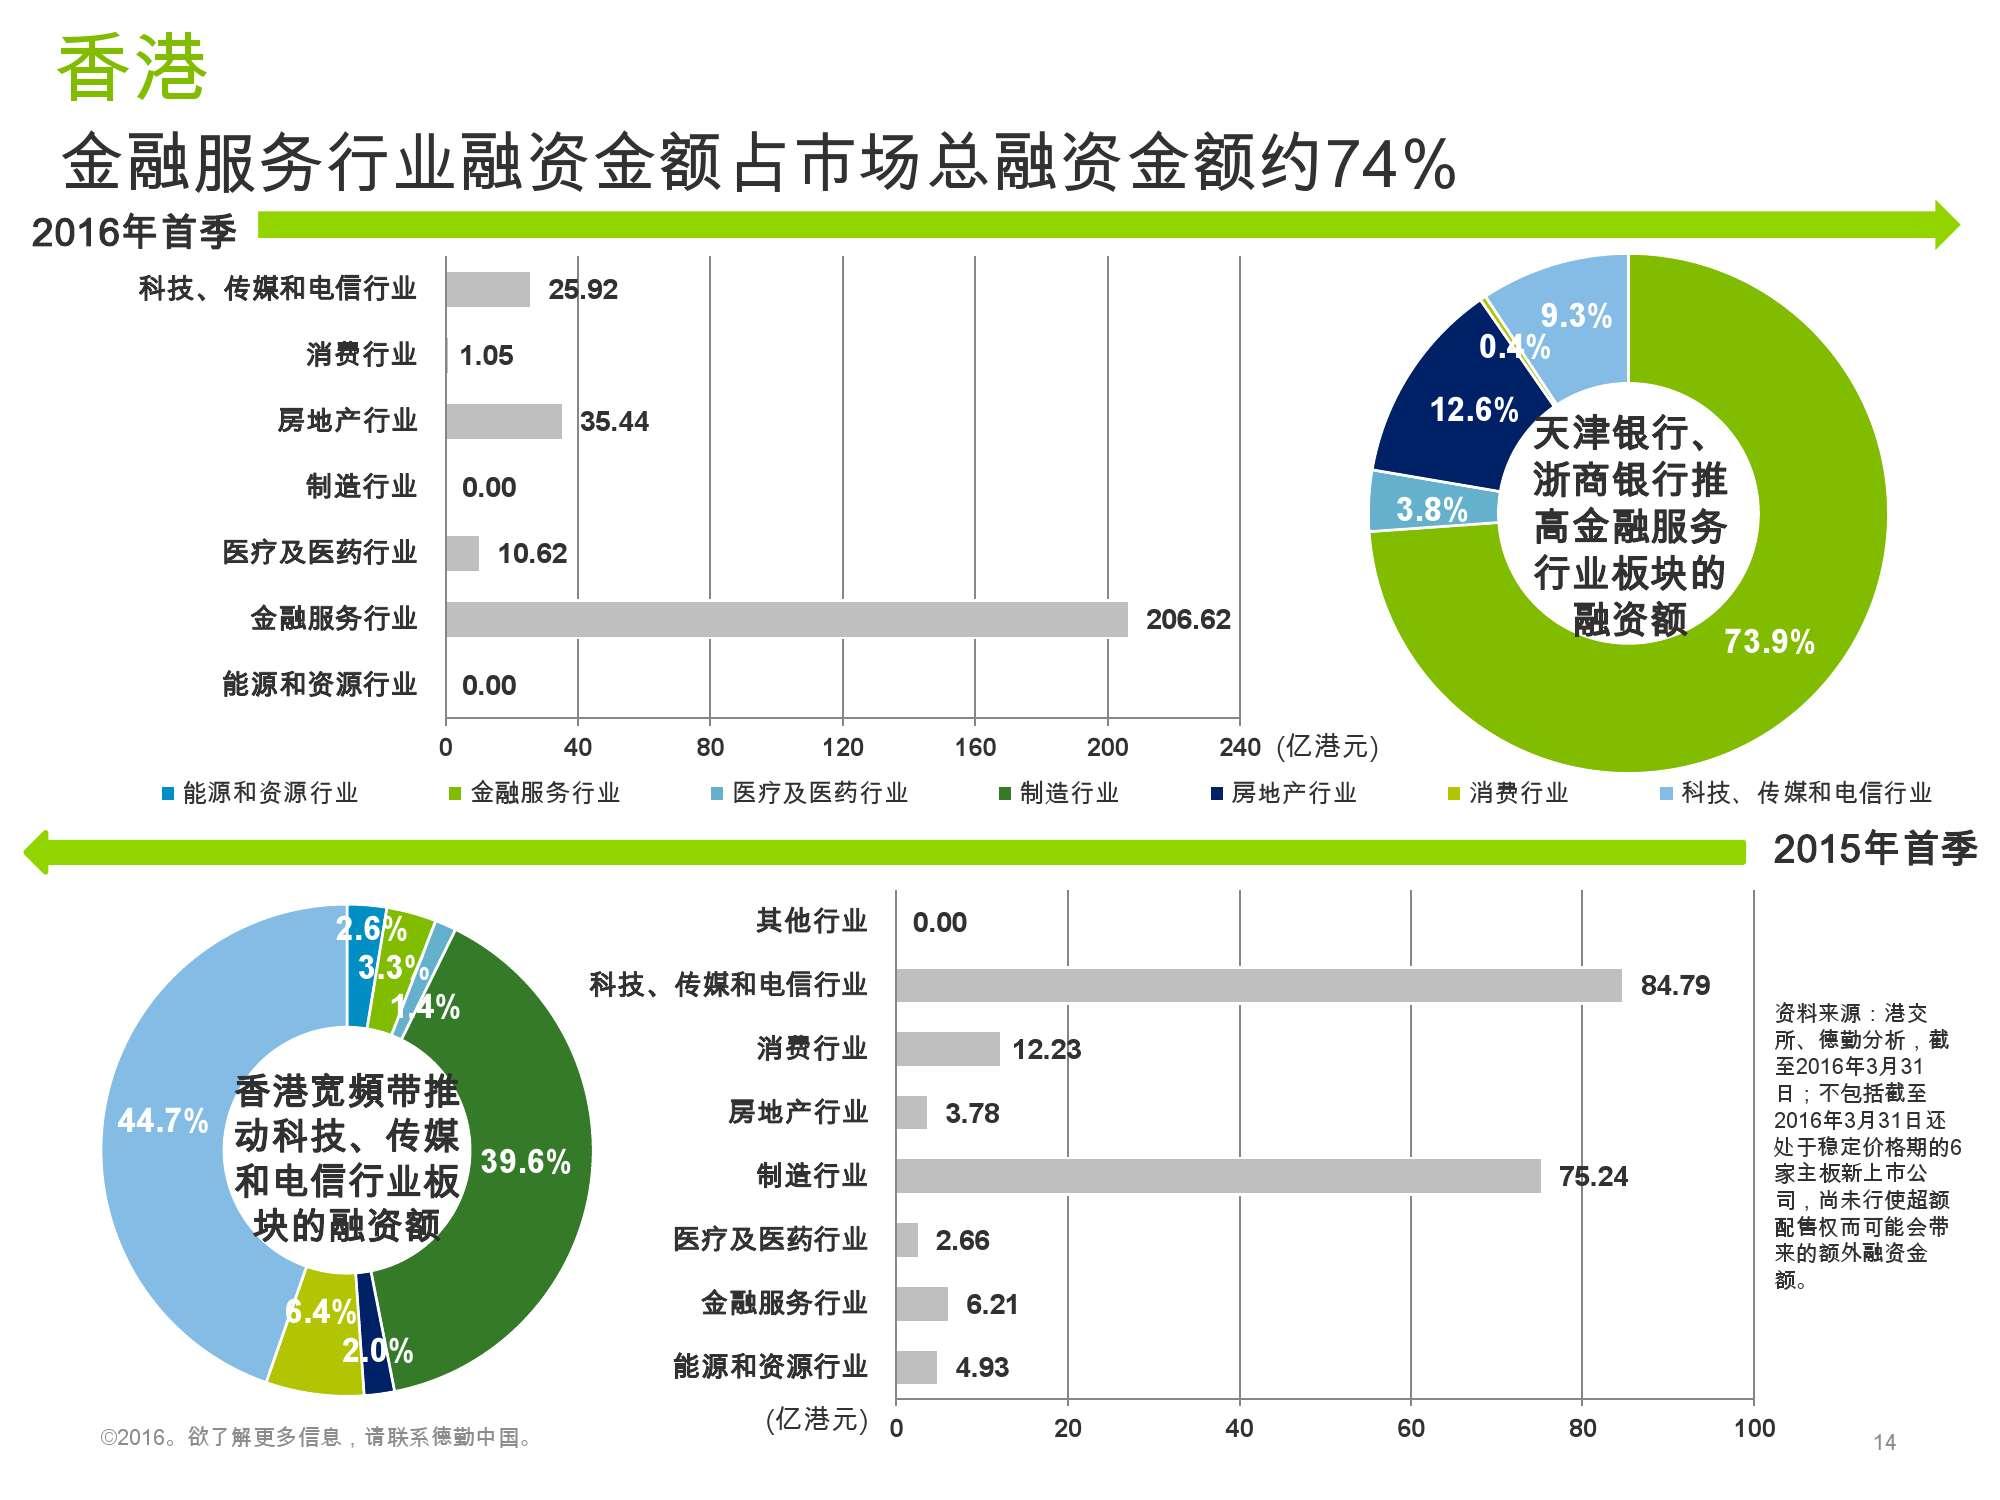 香港及中国大陆IPO市场2016年1季度_000014